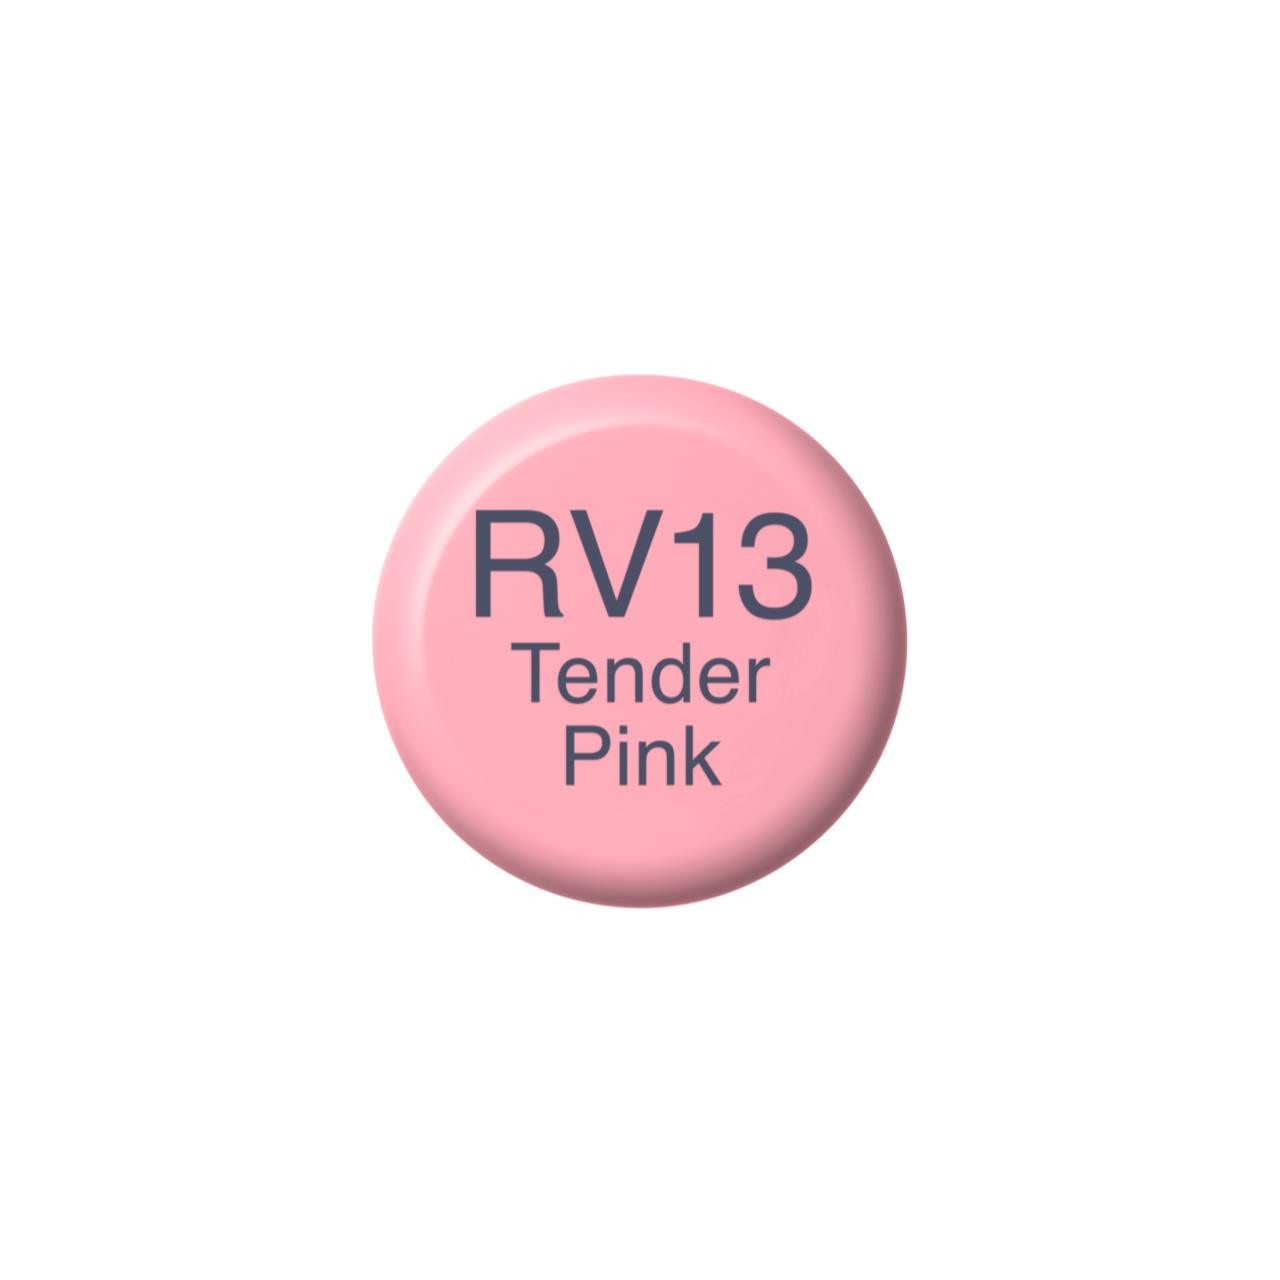 RV13 Tender Pink, Copic Ink - 4511338057759